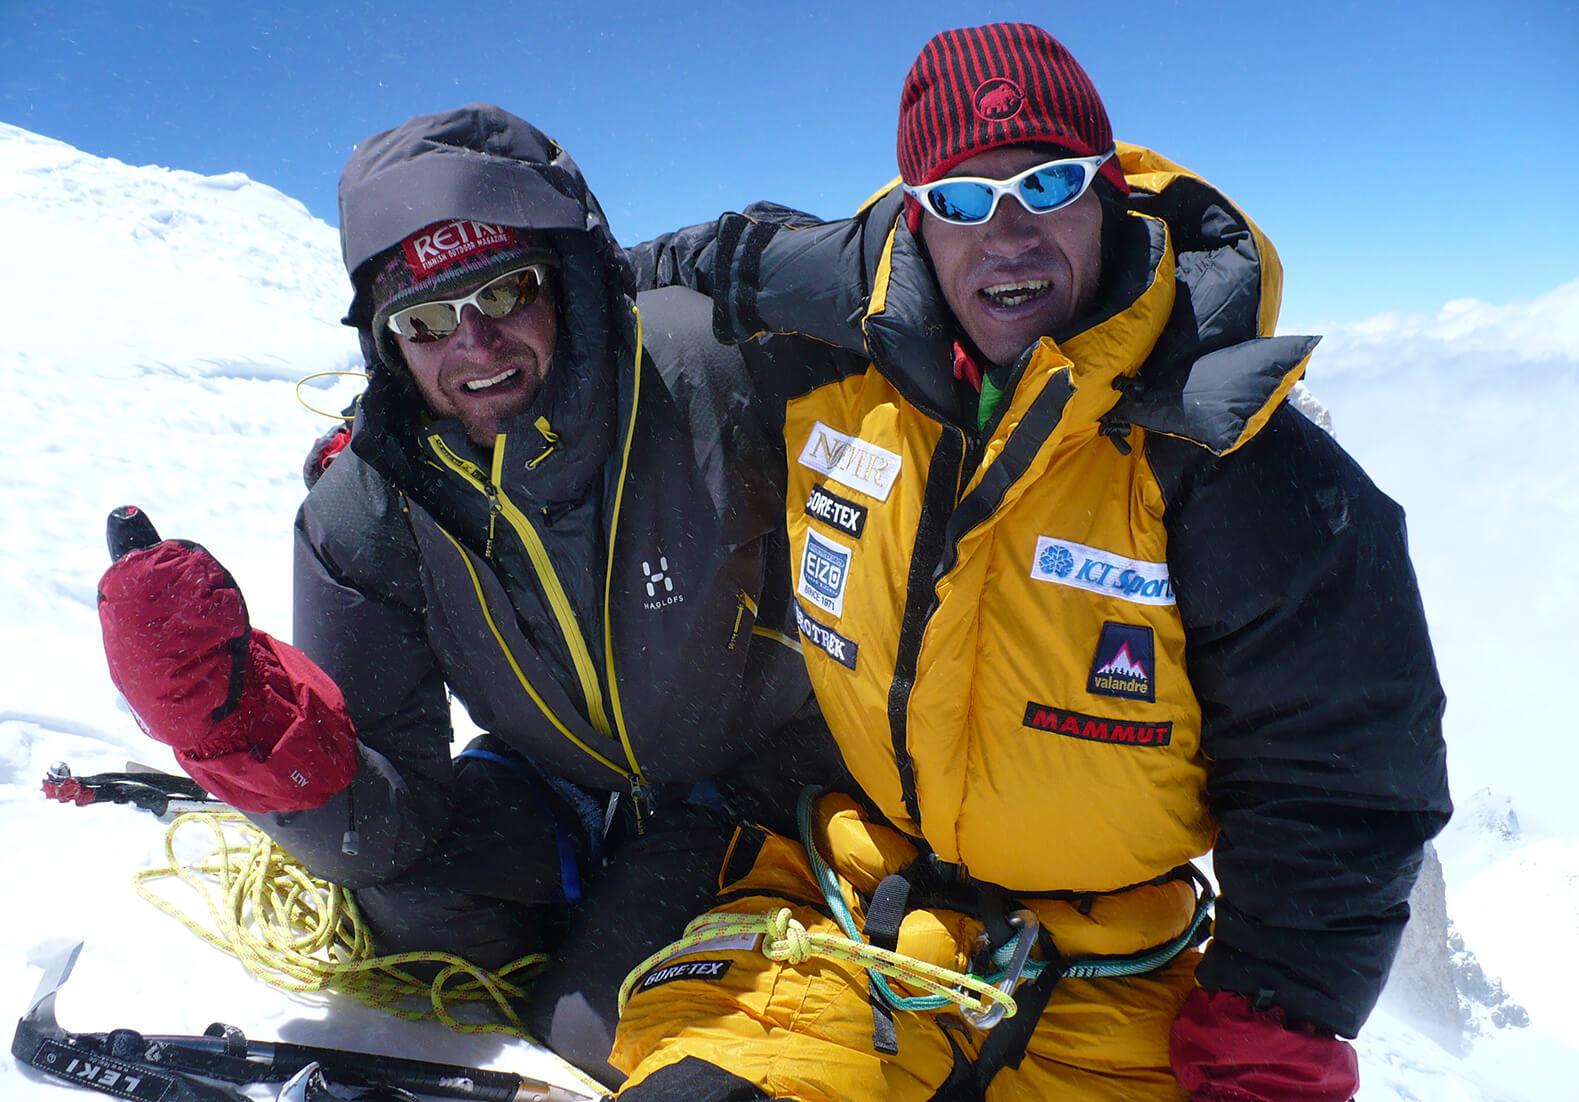 ガッシャブルムⅡ峰登頂成功